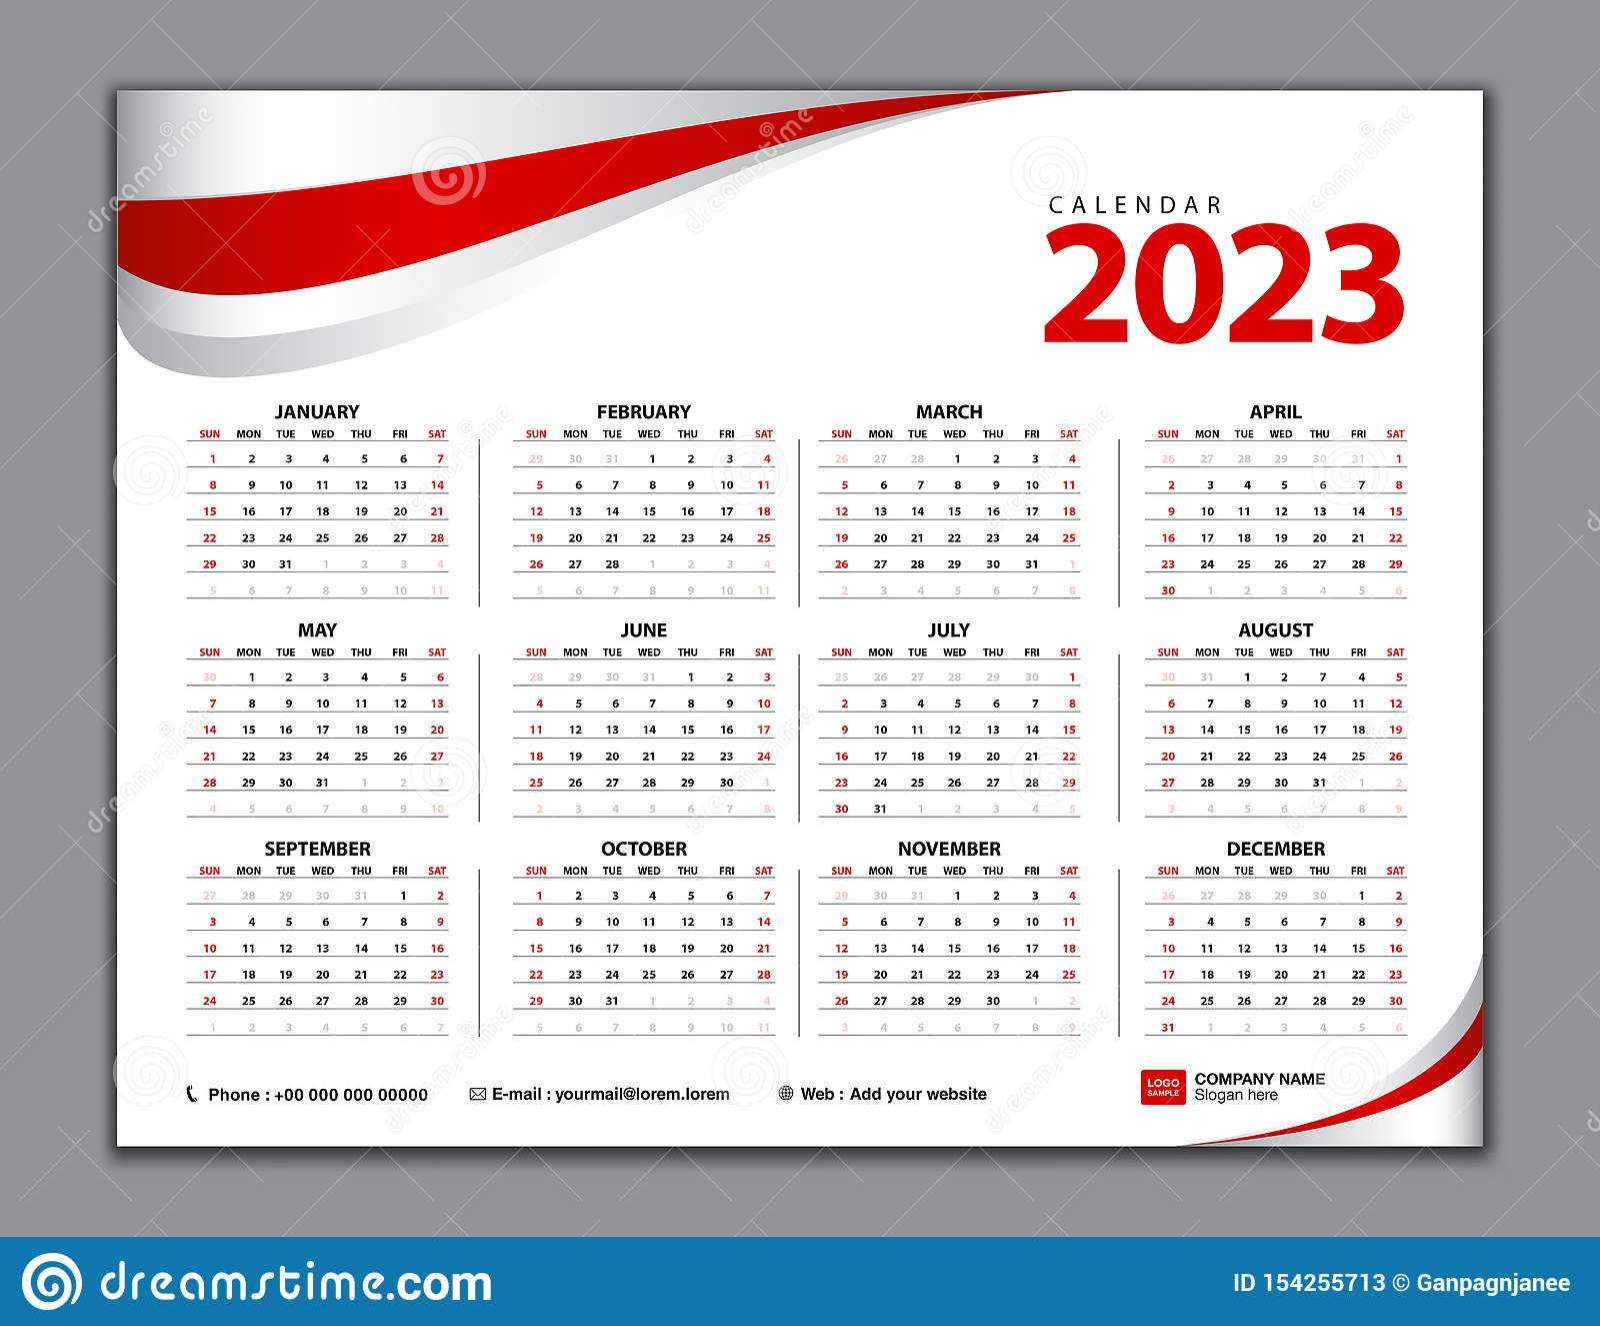 Calendrier Annuel 2022 2023 Calendrier 2023, Calendrier Simple, Bureau, Débuts De Semaine Du